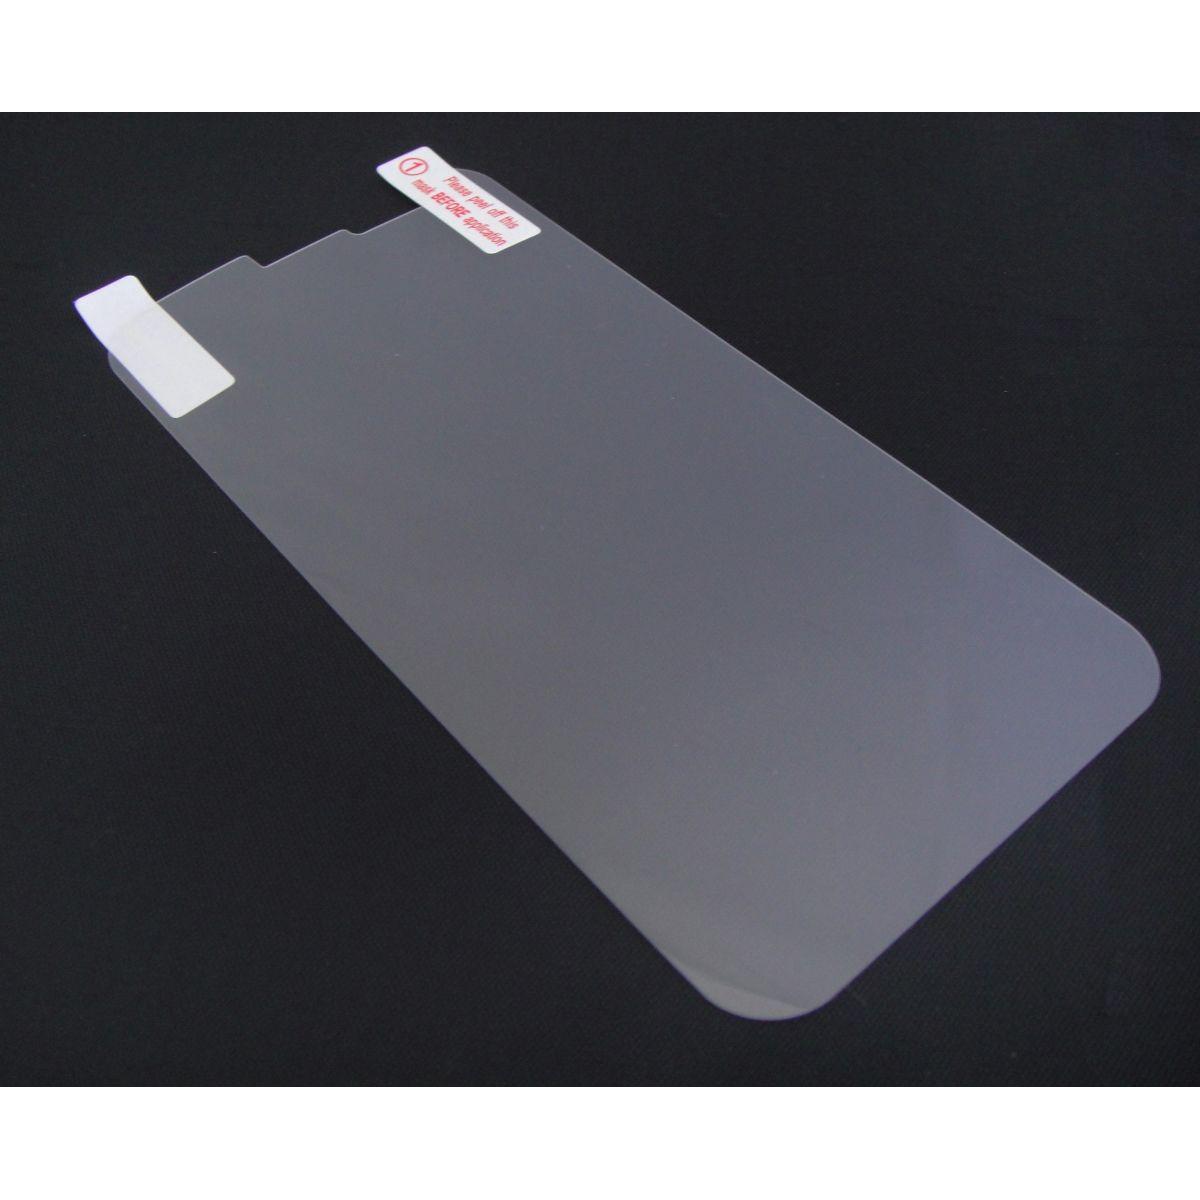 Pelicula Protetora para CCE Motion Plus SK504 Fosca